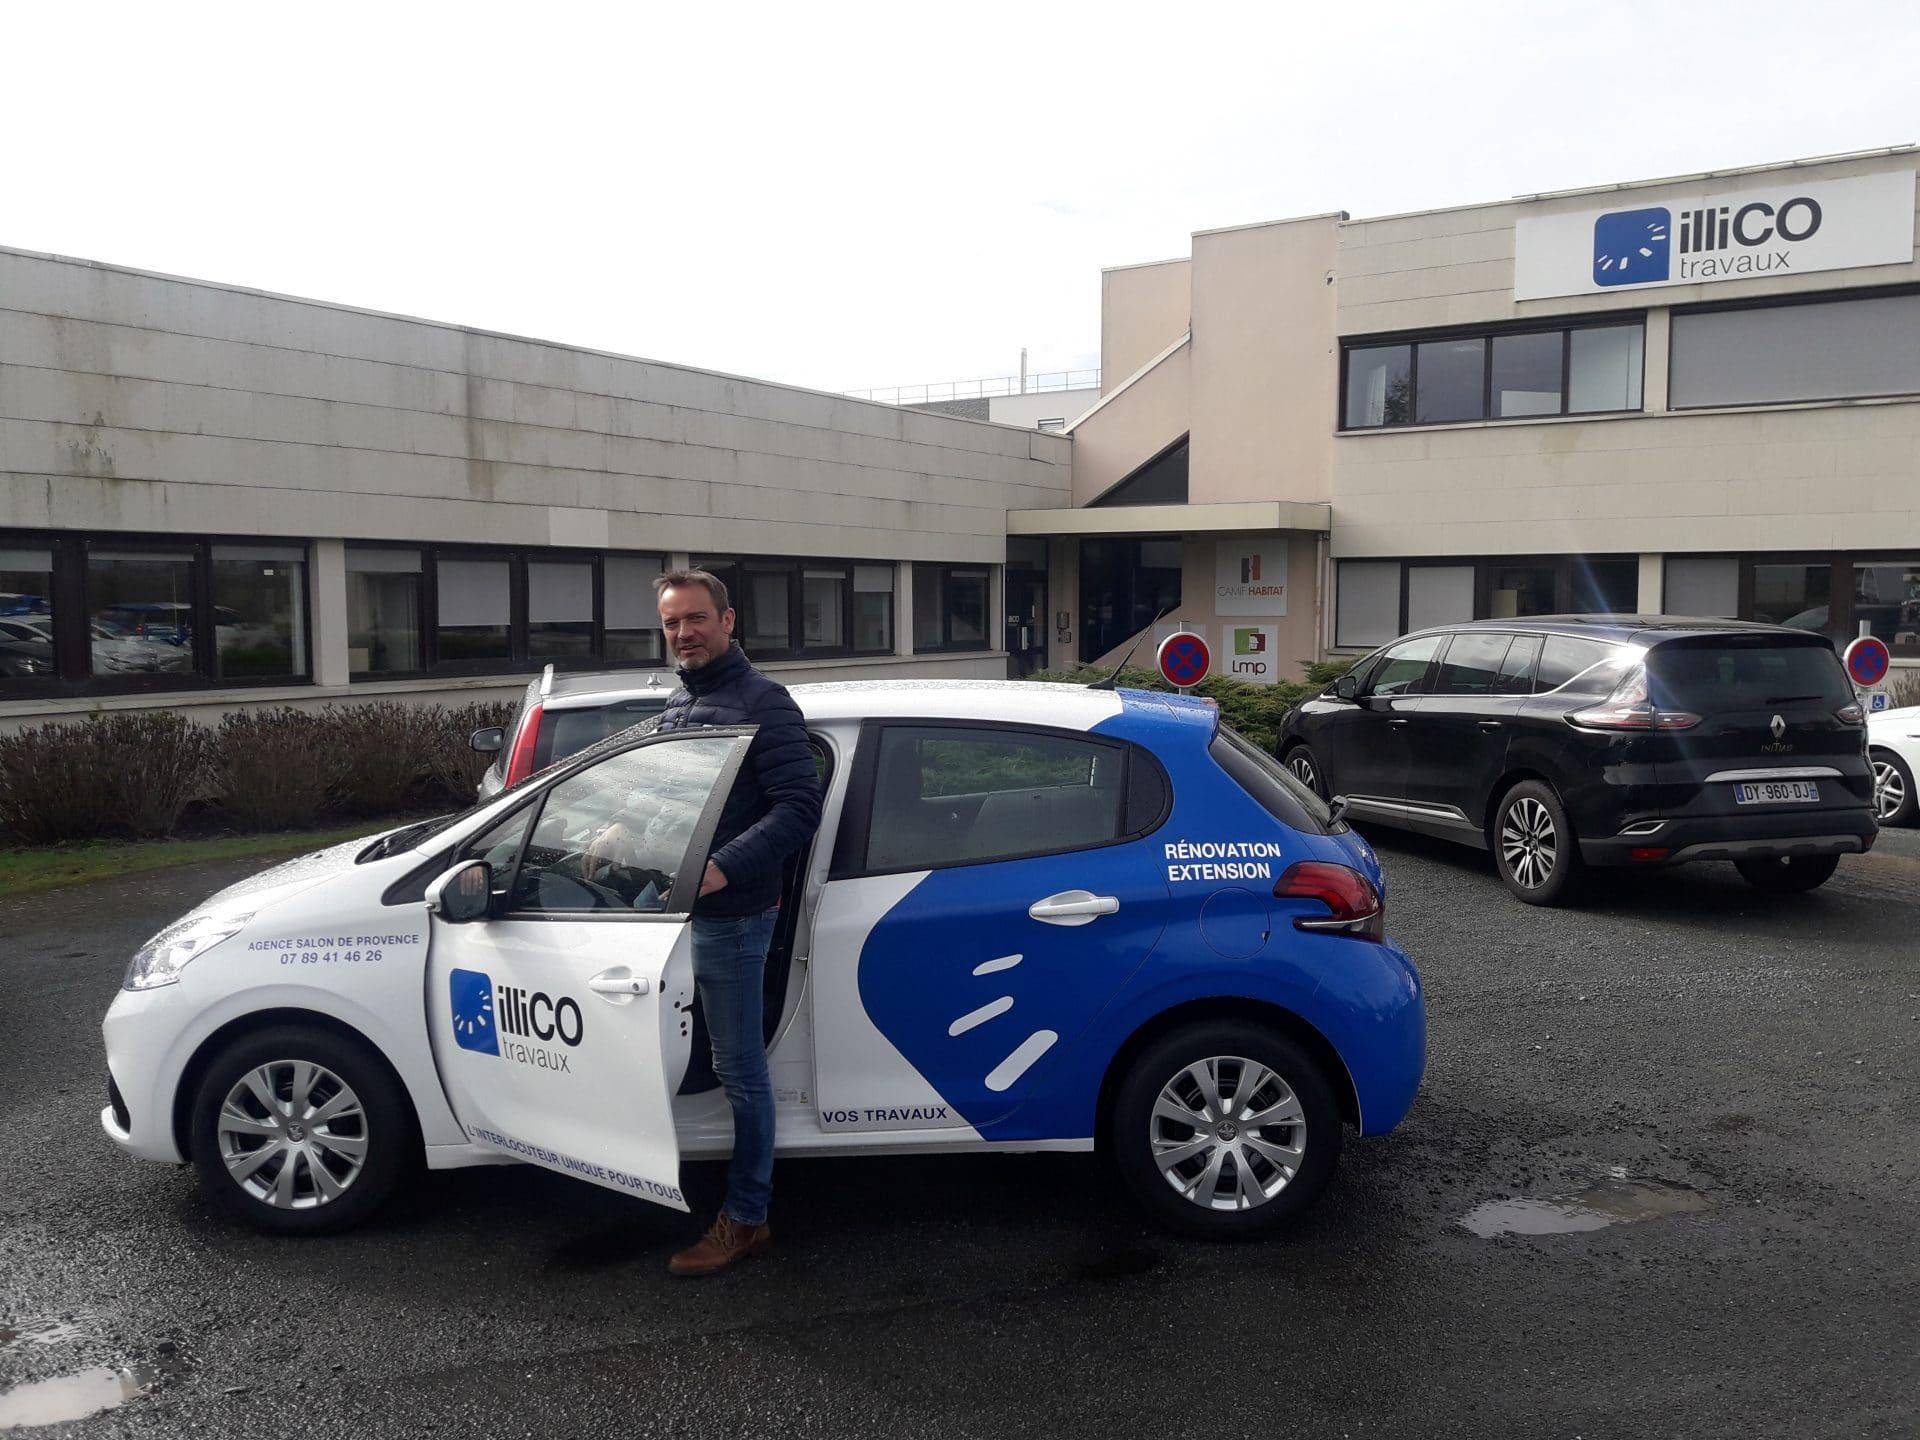 Nouveauté : une agence illiCO travaux ouvre à Salon de Provence